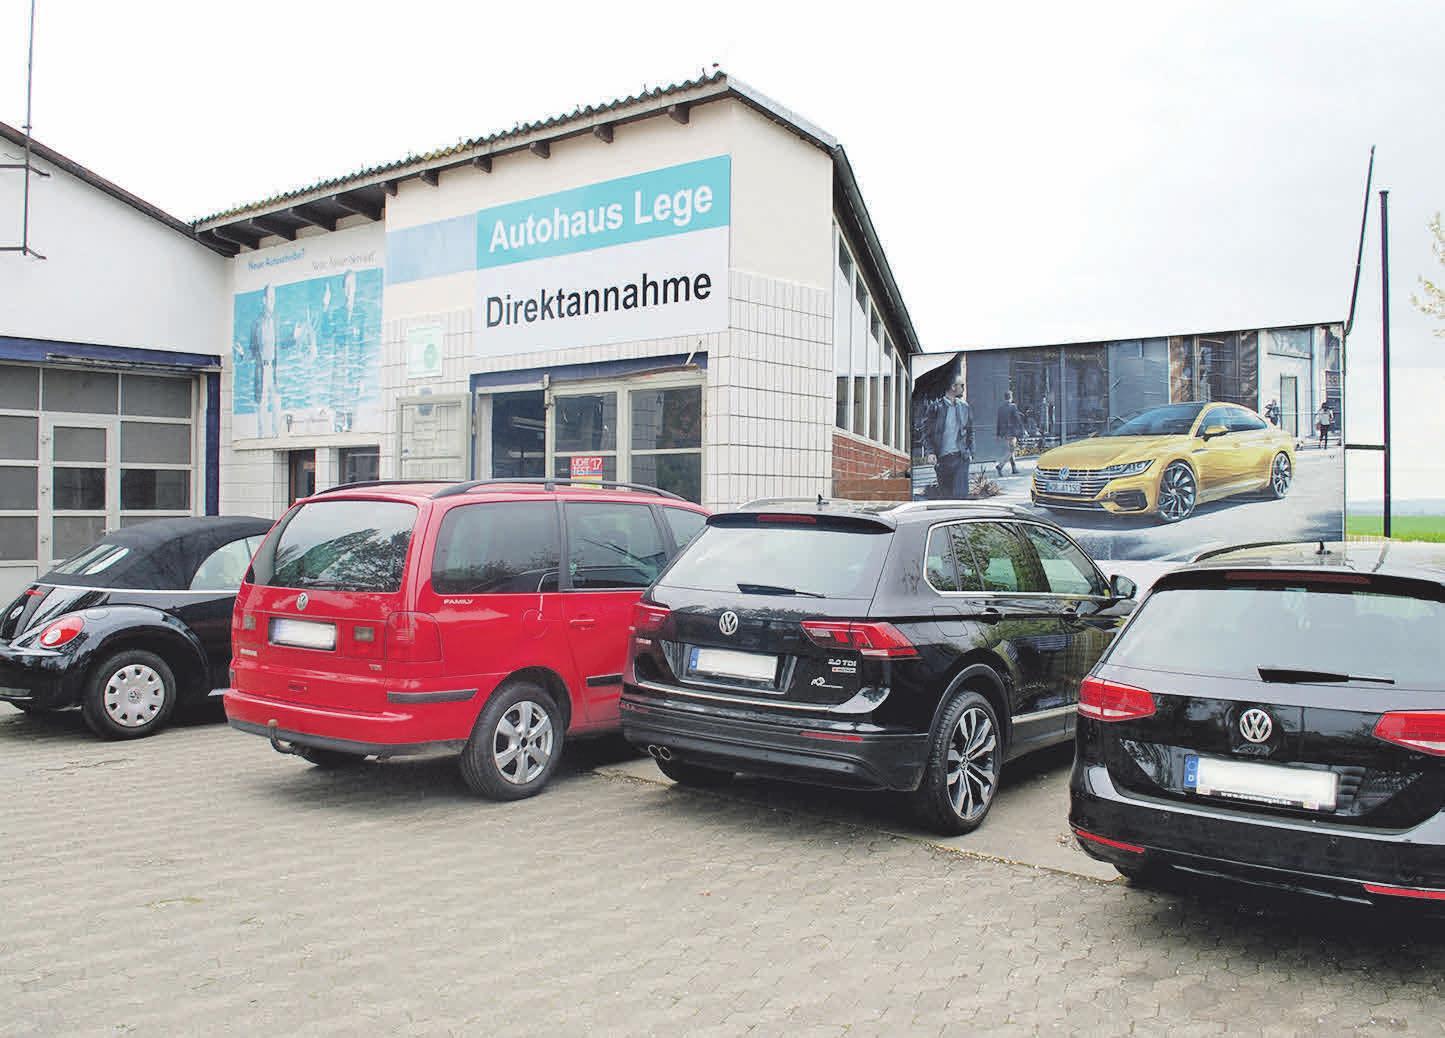 Das Autohaus Lege bietet auch Originalersatzteile für Fahrzeuge an. Foto: Birthe Kußroll-Ihle